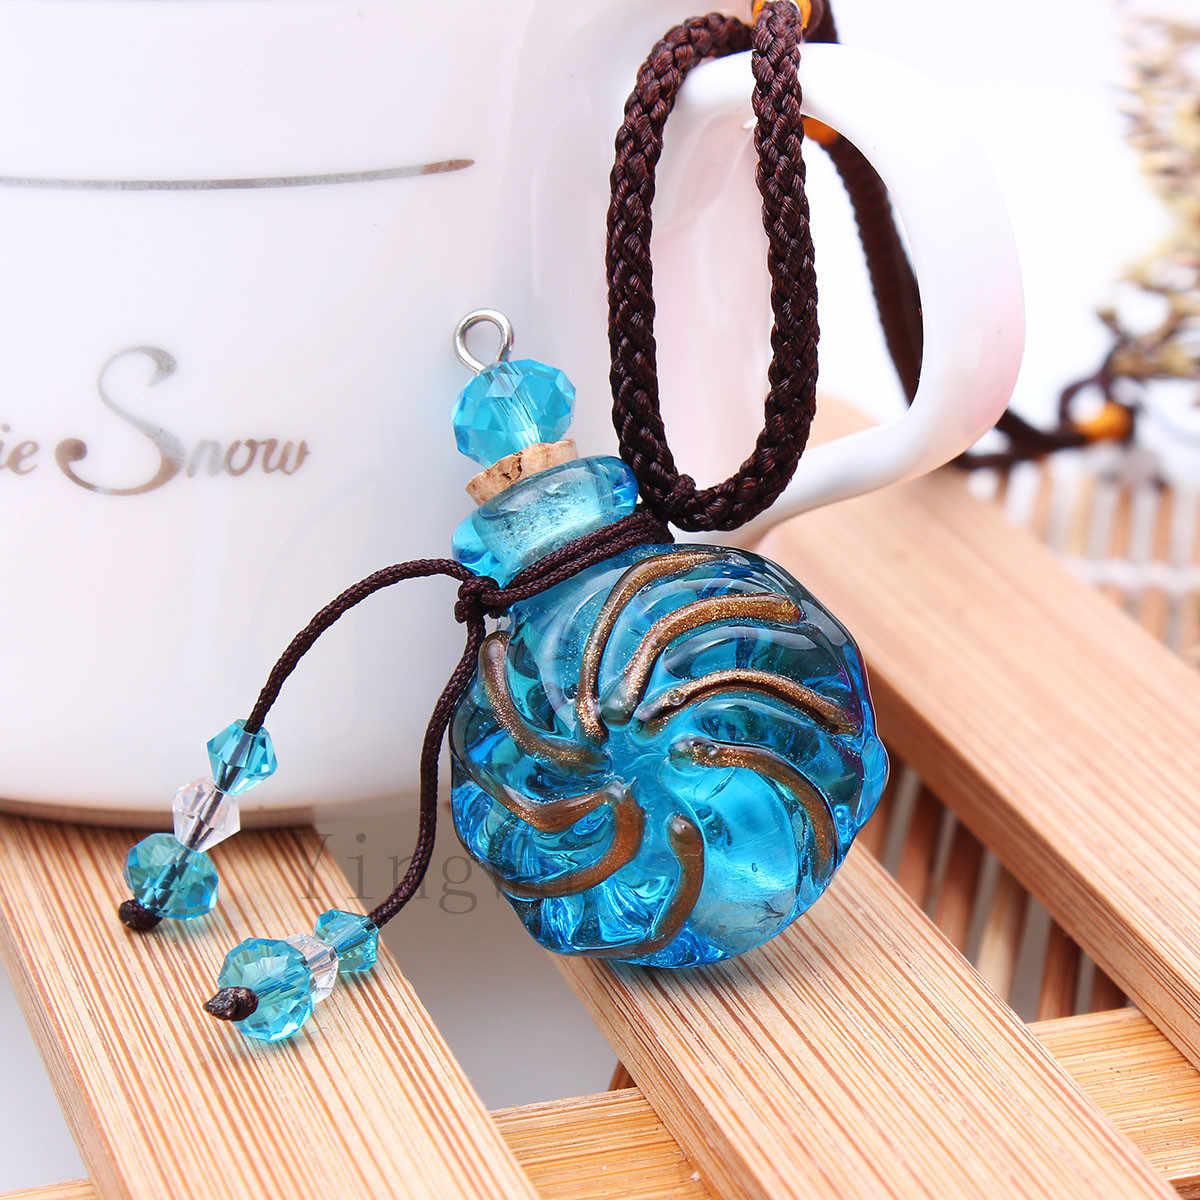 Yingwu murano szklany wisiorek olejek naszyjnik dyfuzor biżuteria perfumy naszyjniki dyfuzor wisiorki darmowa wysyłka